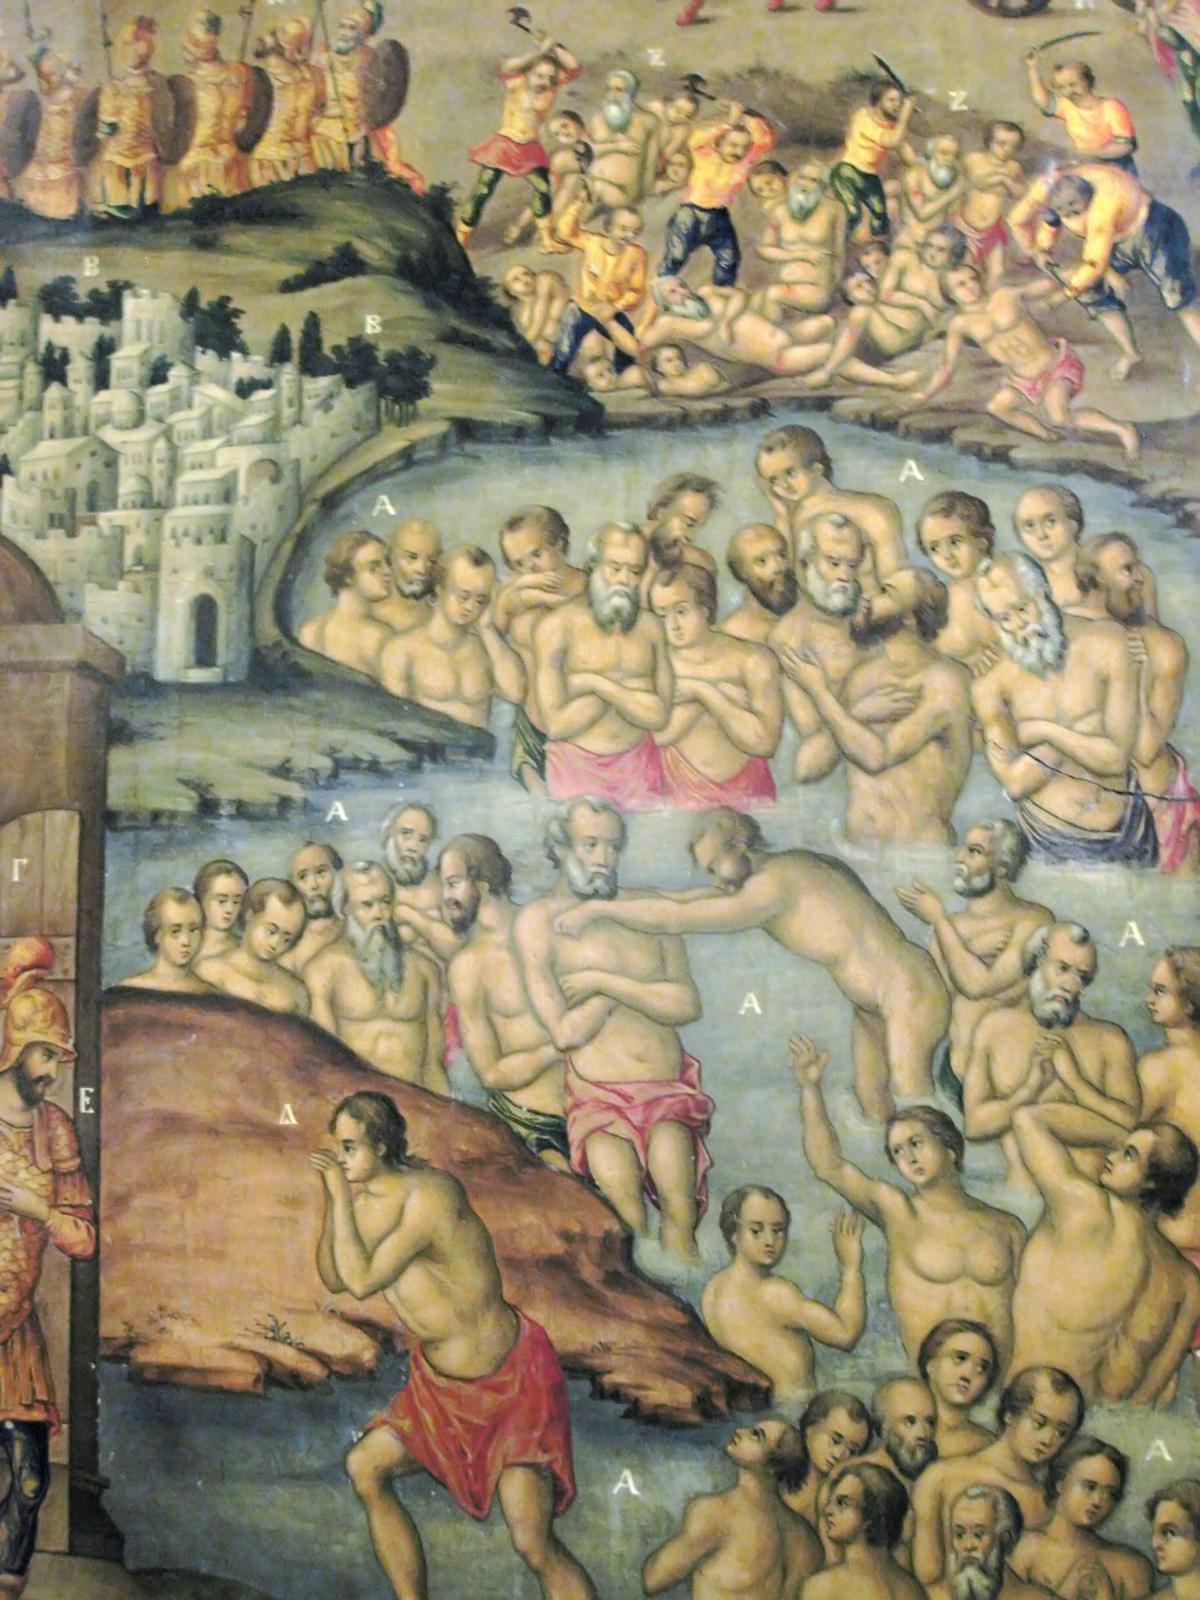 Ікона 40 святихз православної церкви Сорока Мучеників, розташованої в дзвіниці храму Гробу Господнього / фото Deror avi/wikipedia.org